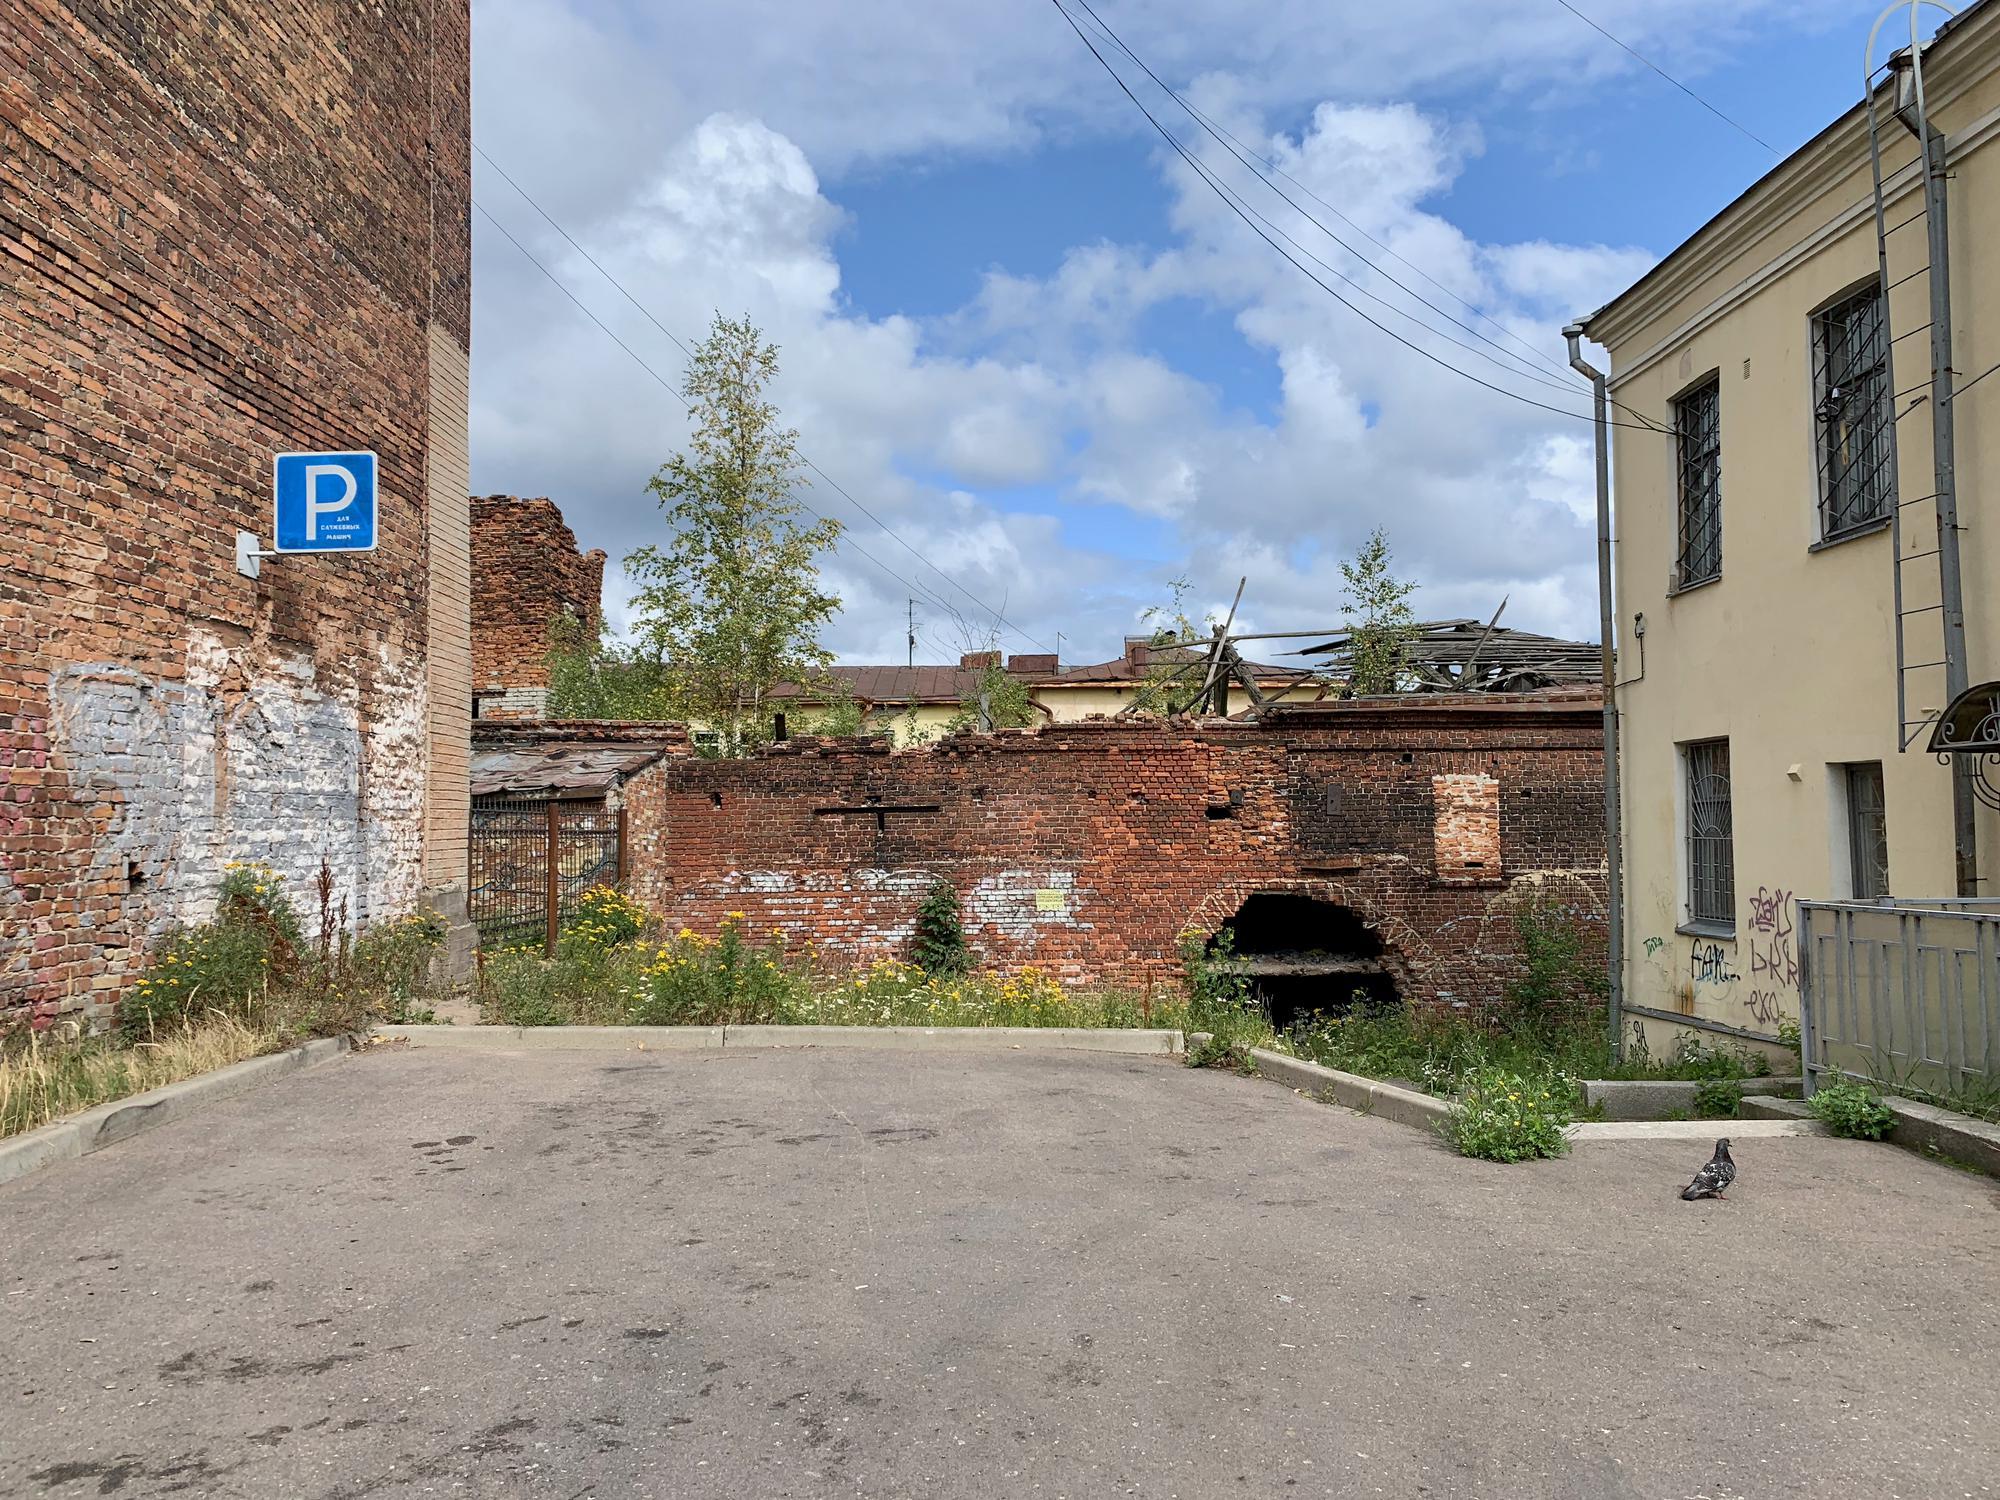 🇷🇺 Выборг, Россия, август 2019.